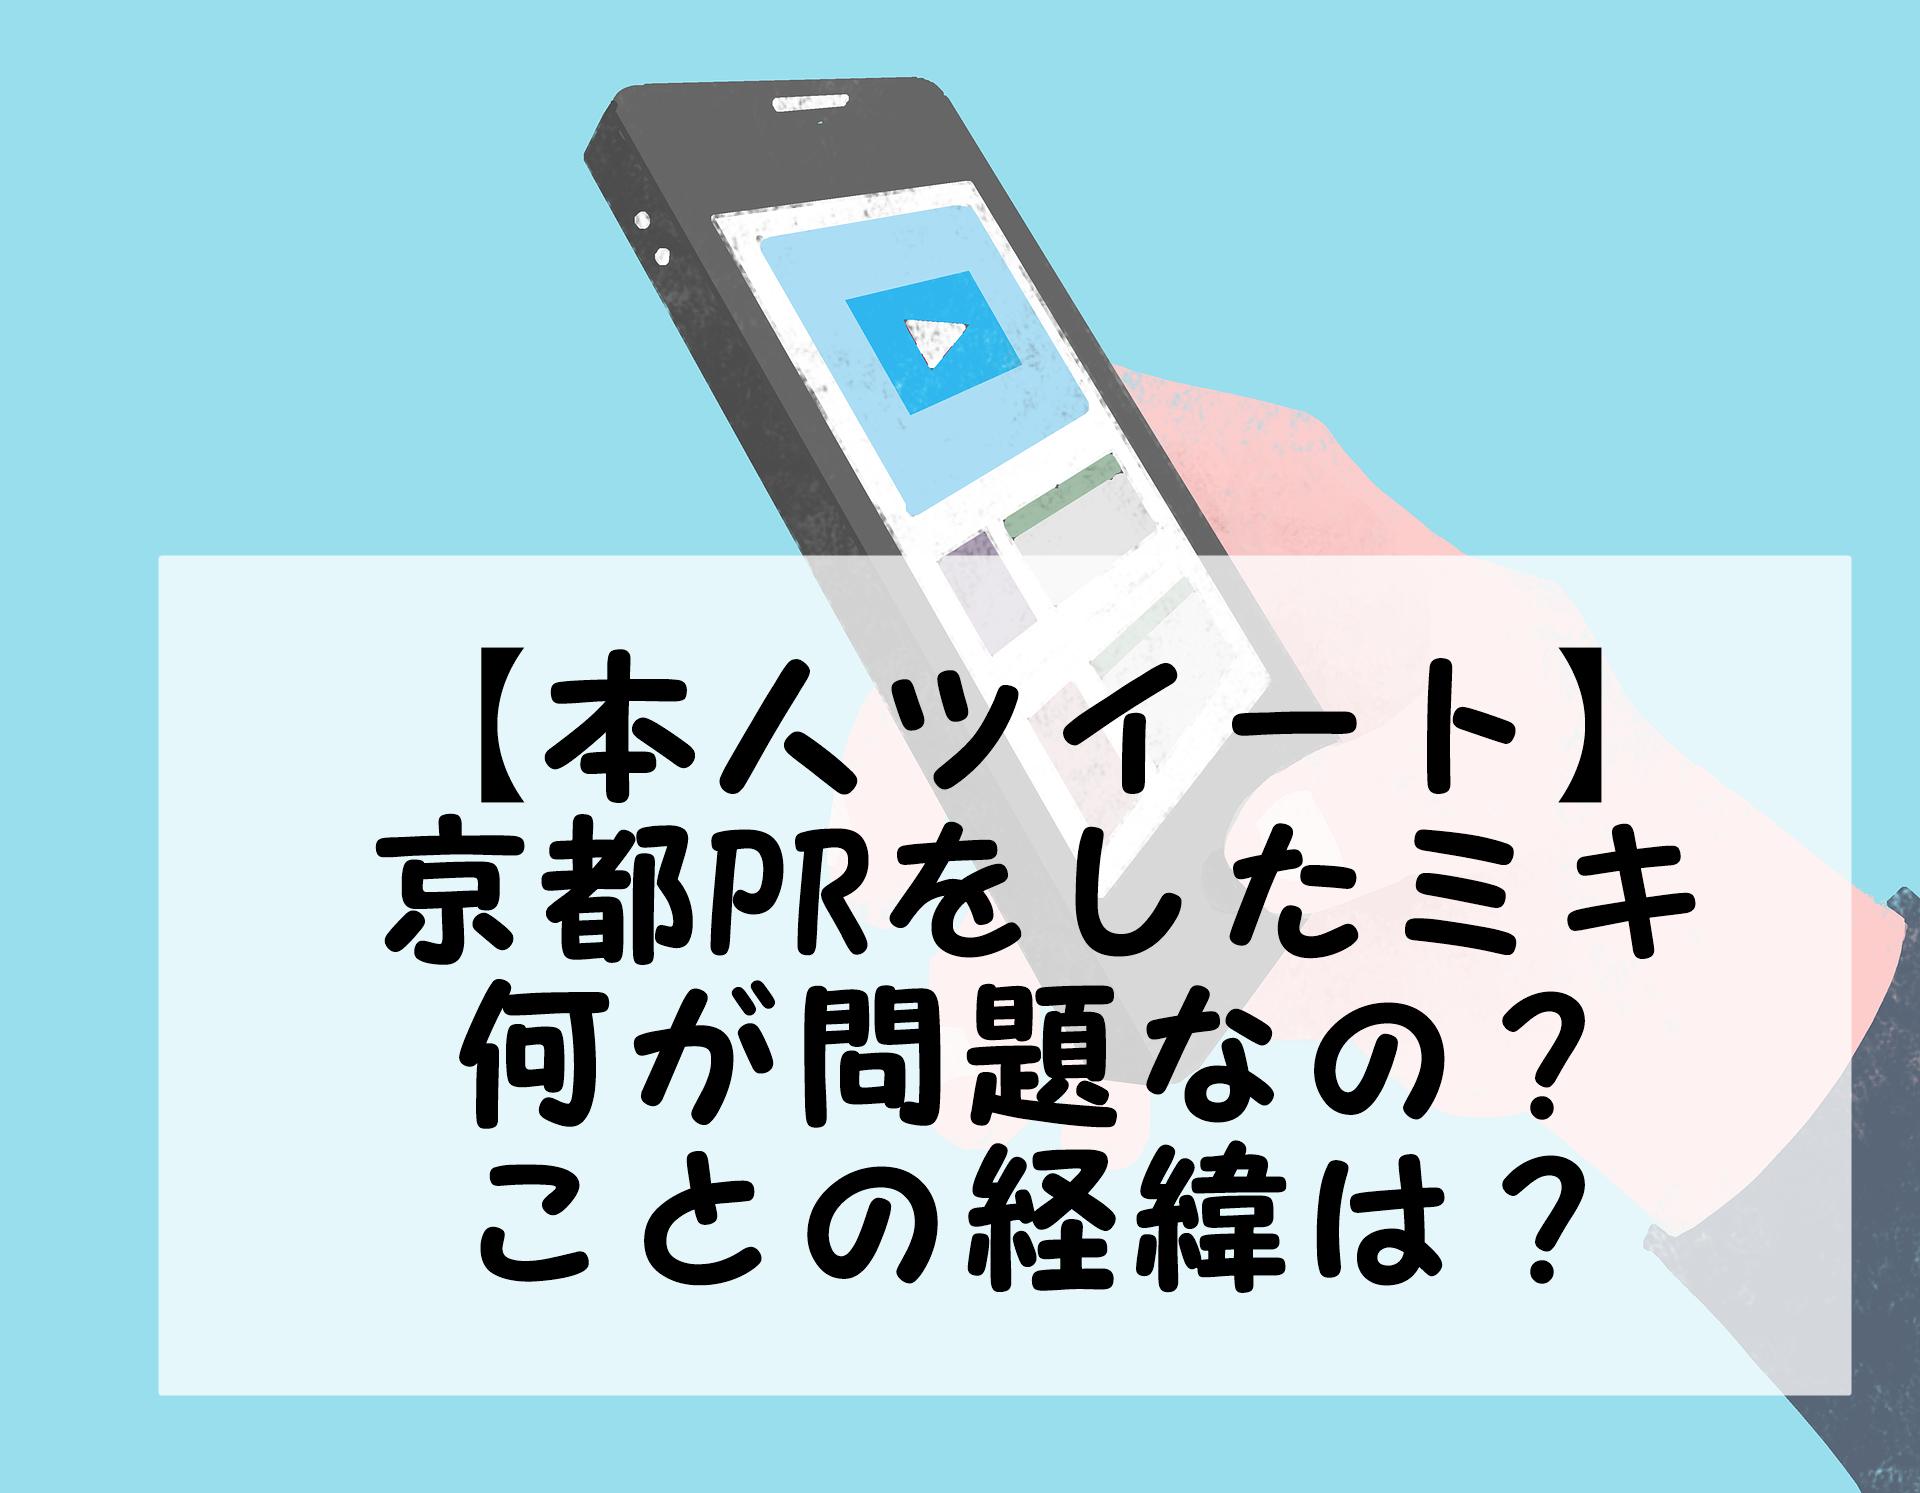 ミキがツイートした京都PRを紹介!ことの経緯や何が問題なの?